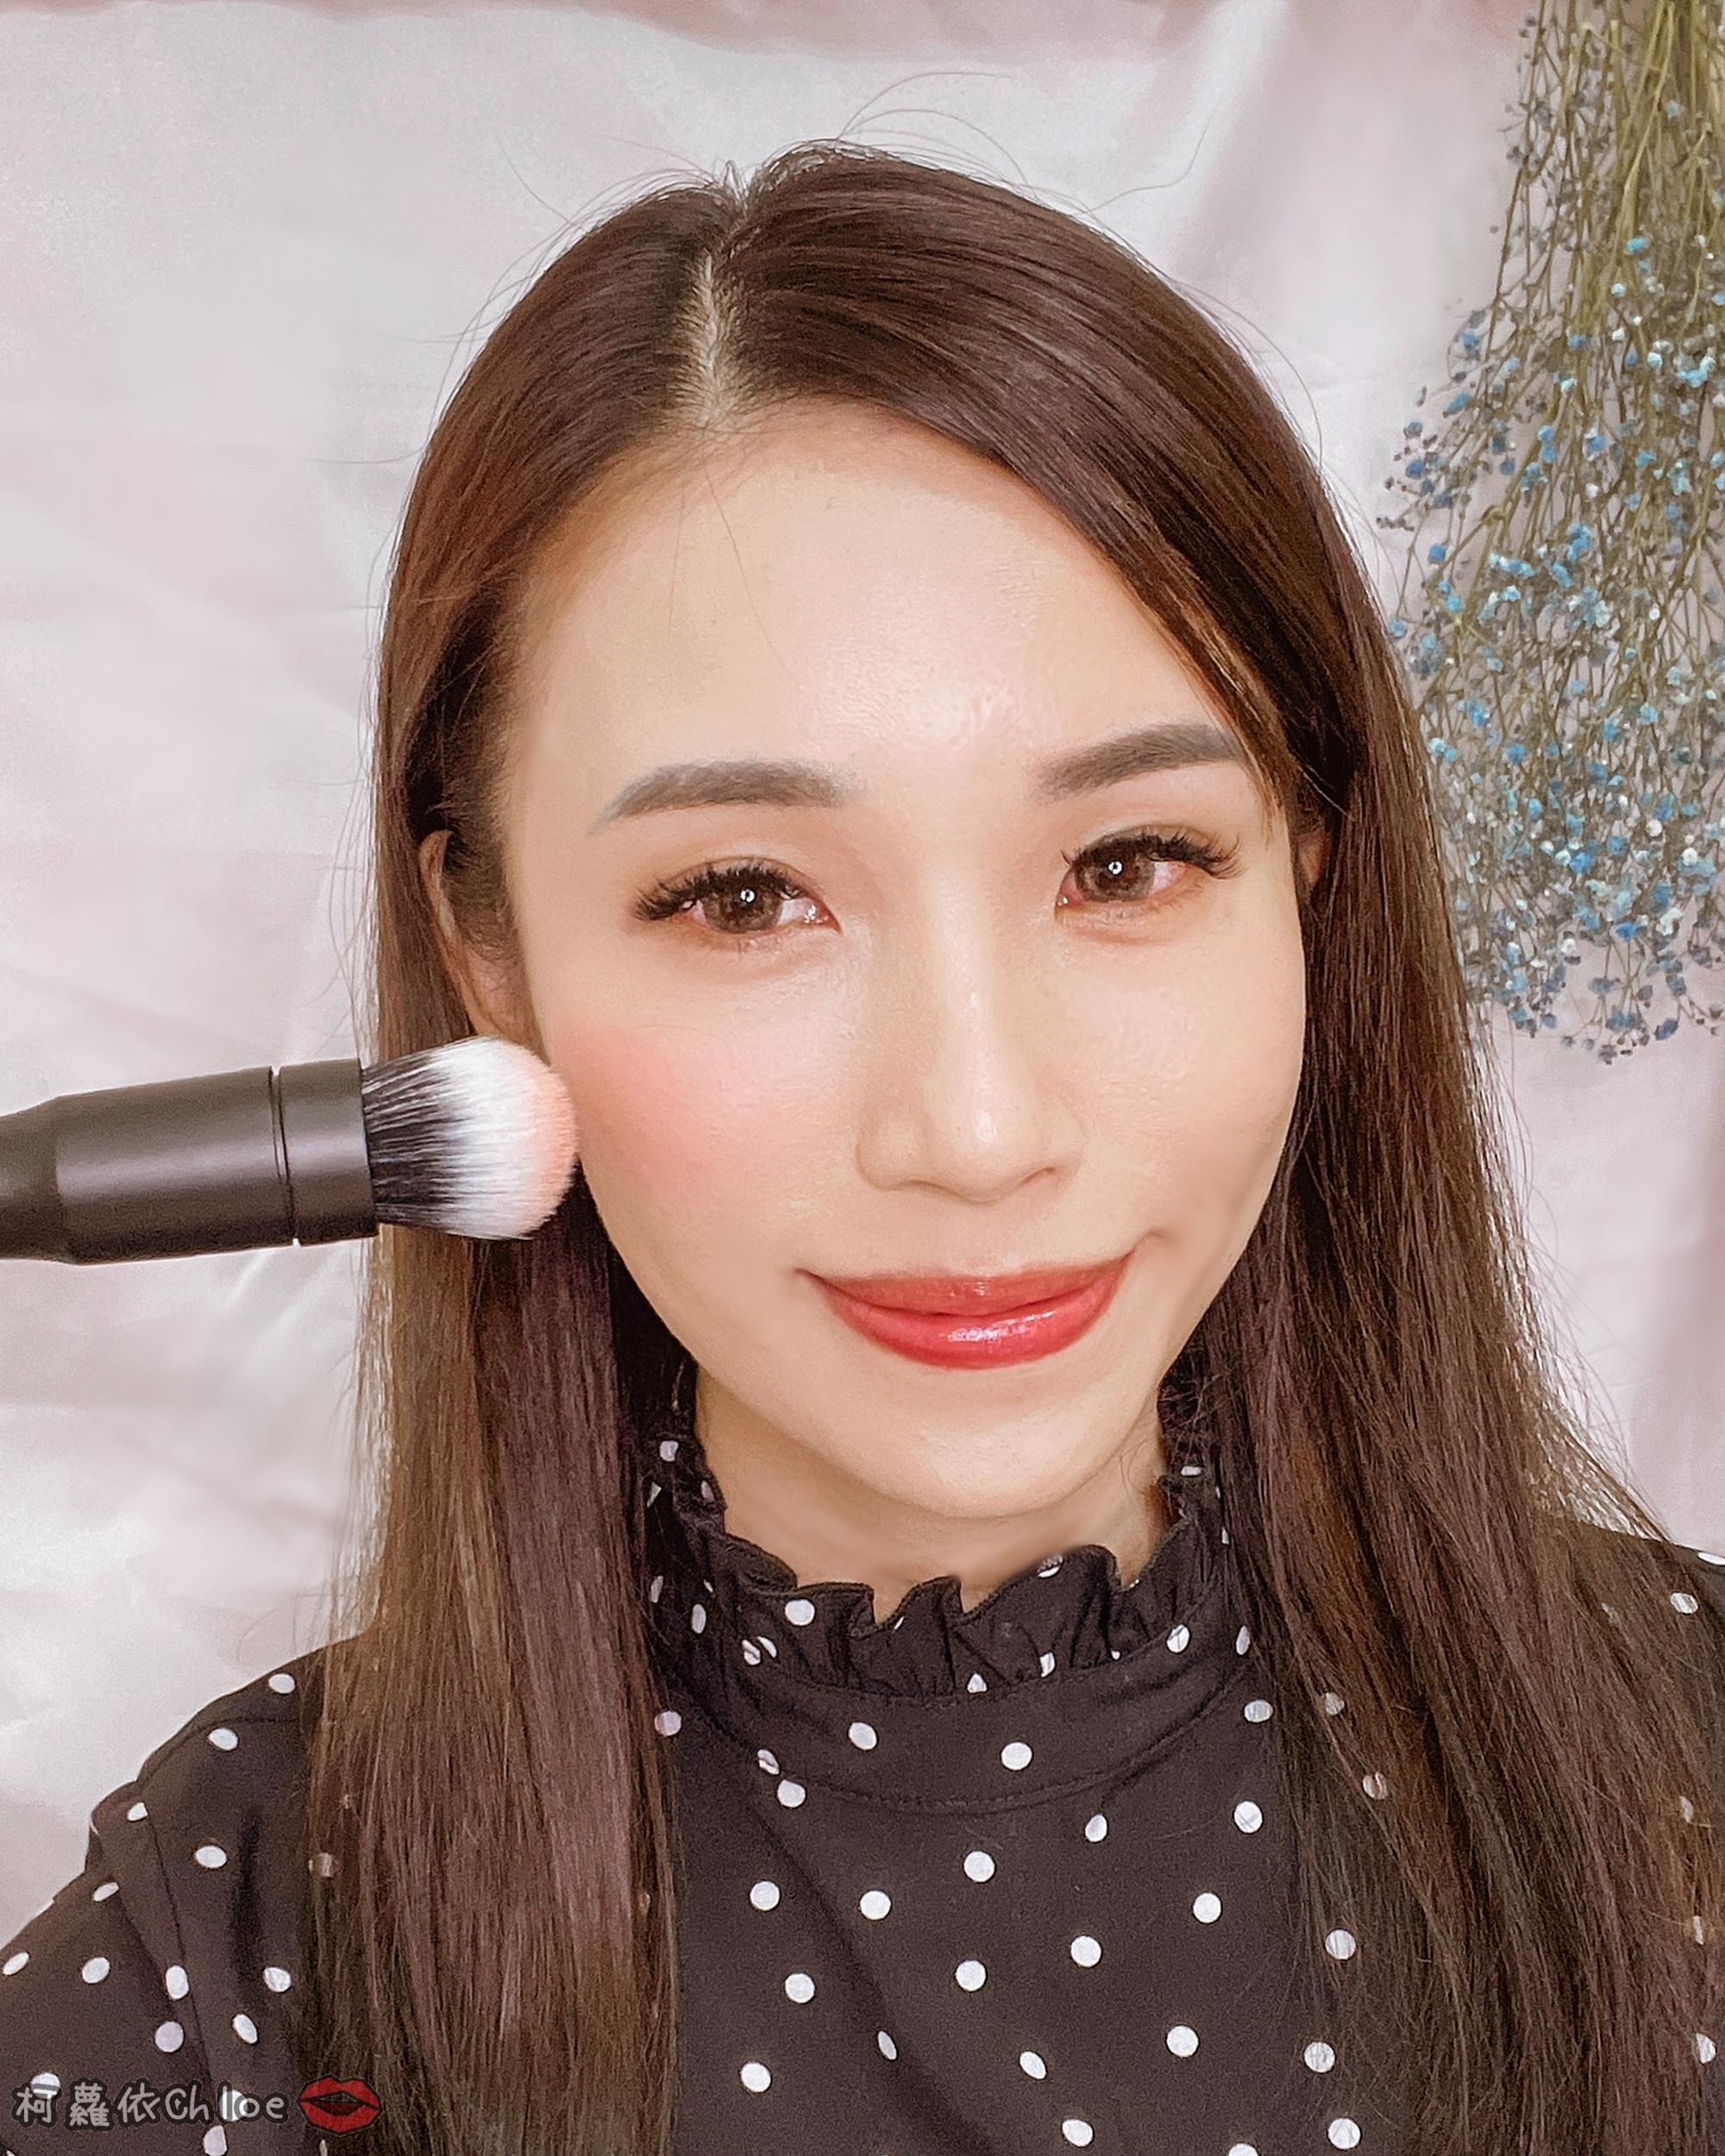 彩妝工具推薦 blendSMART電動化妝刷 達人套裝開箱 上妝輕柔更有效率27.jpg